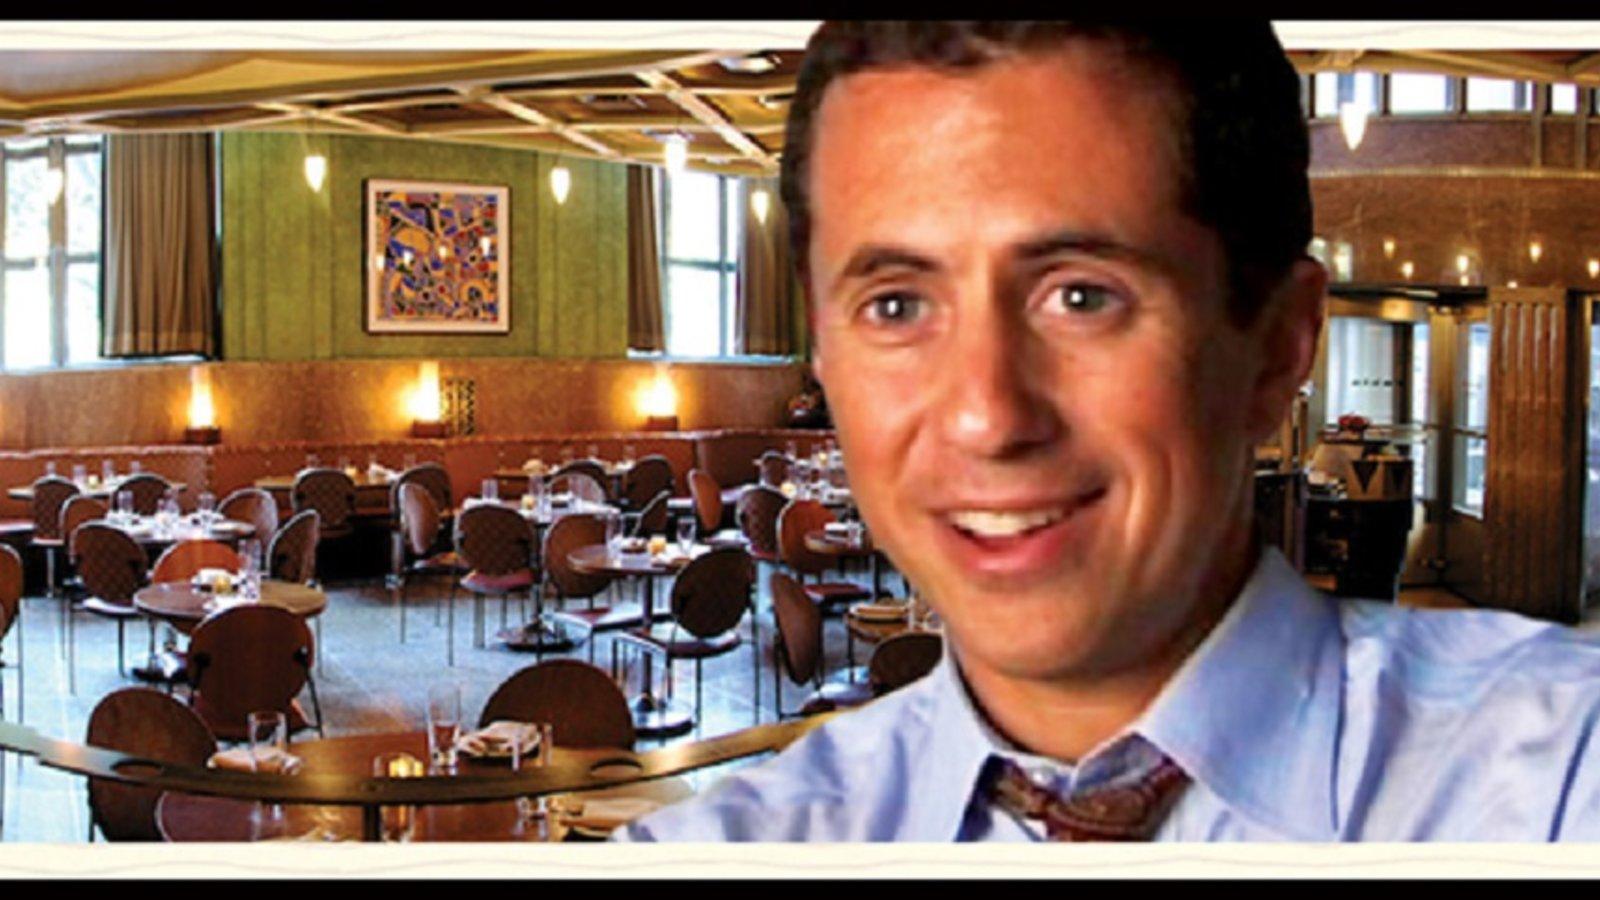 The Restaurateur - Danny Meyer's Empire of New York's Top Restaurants